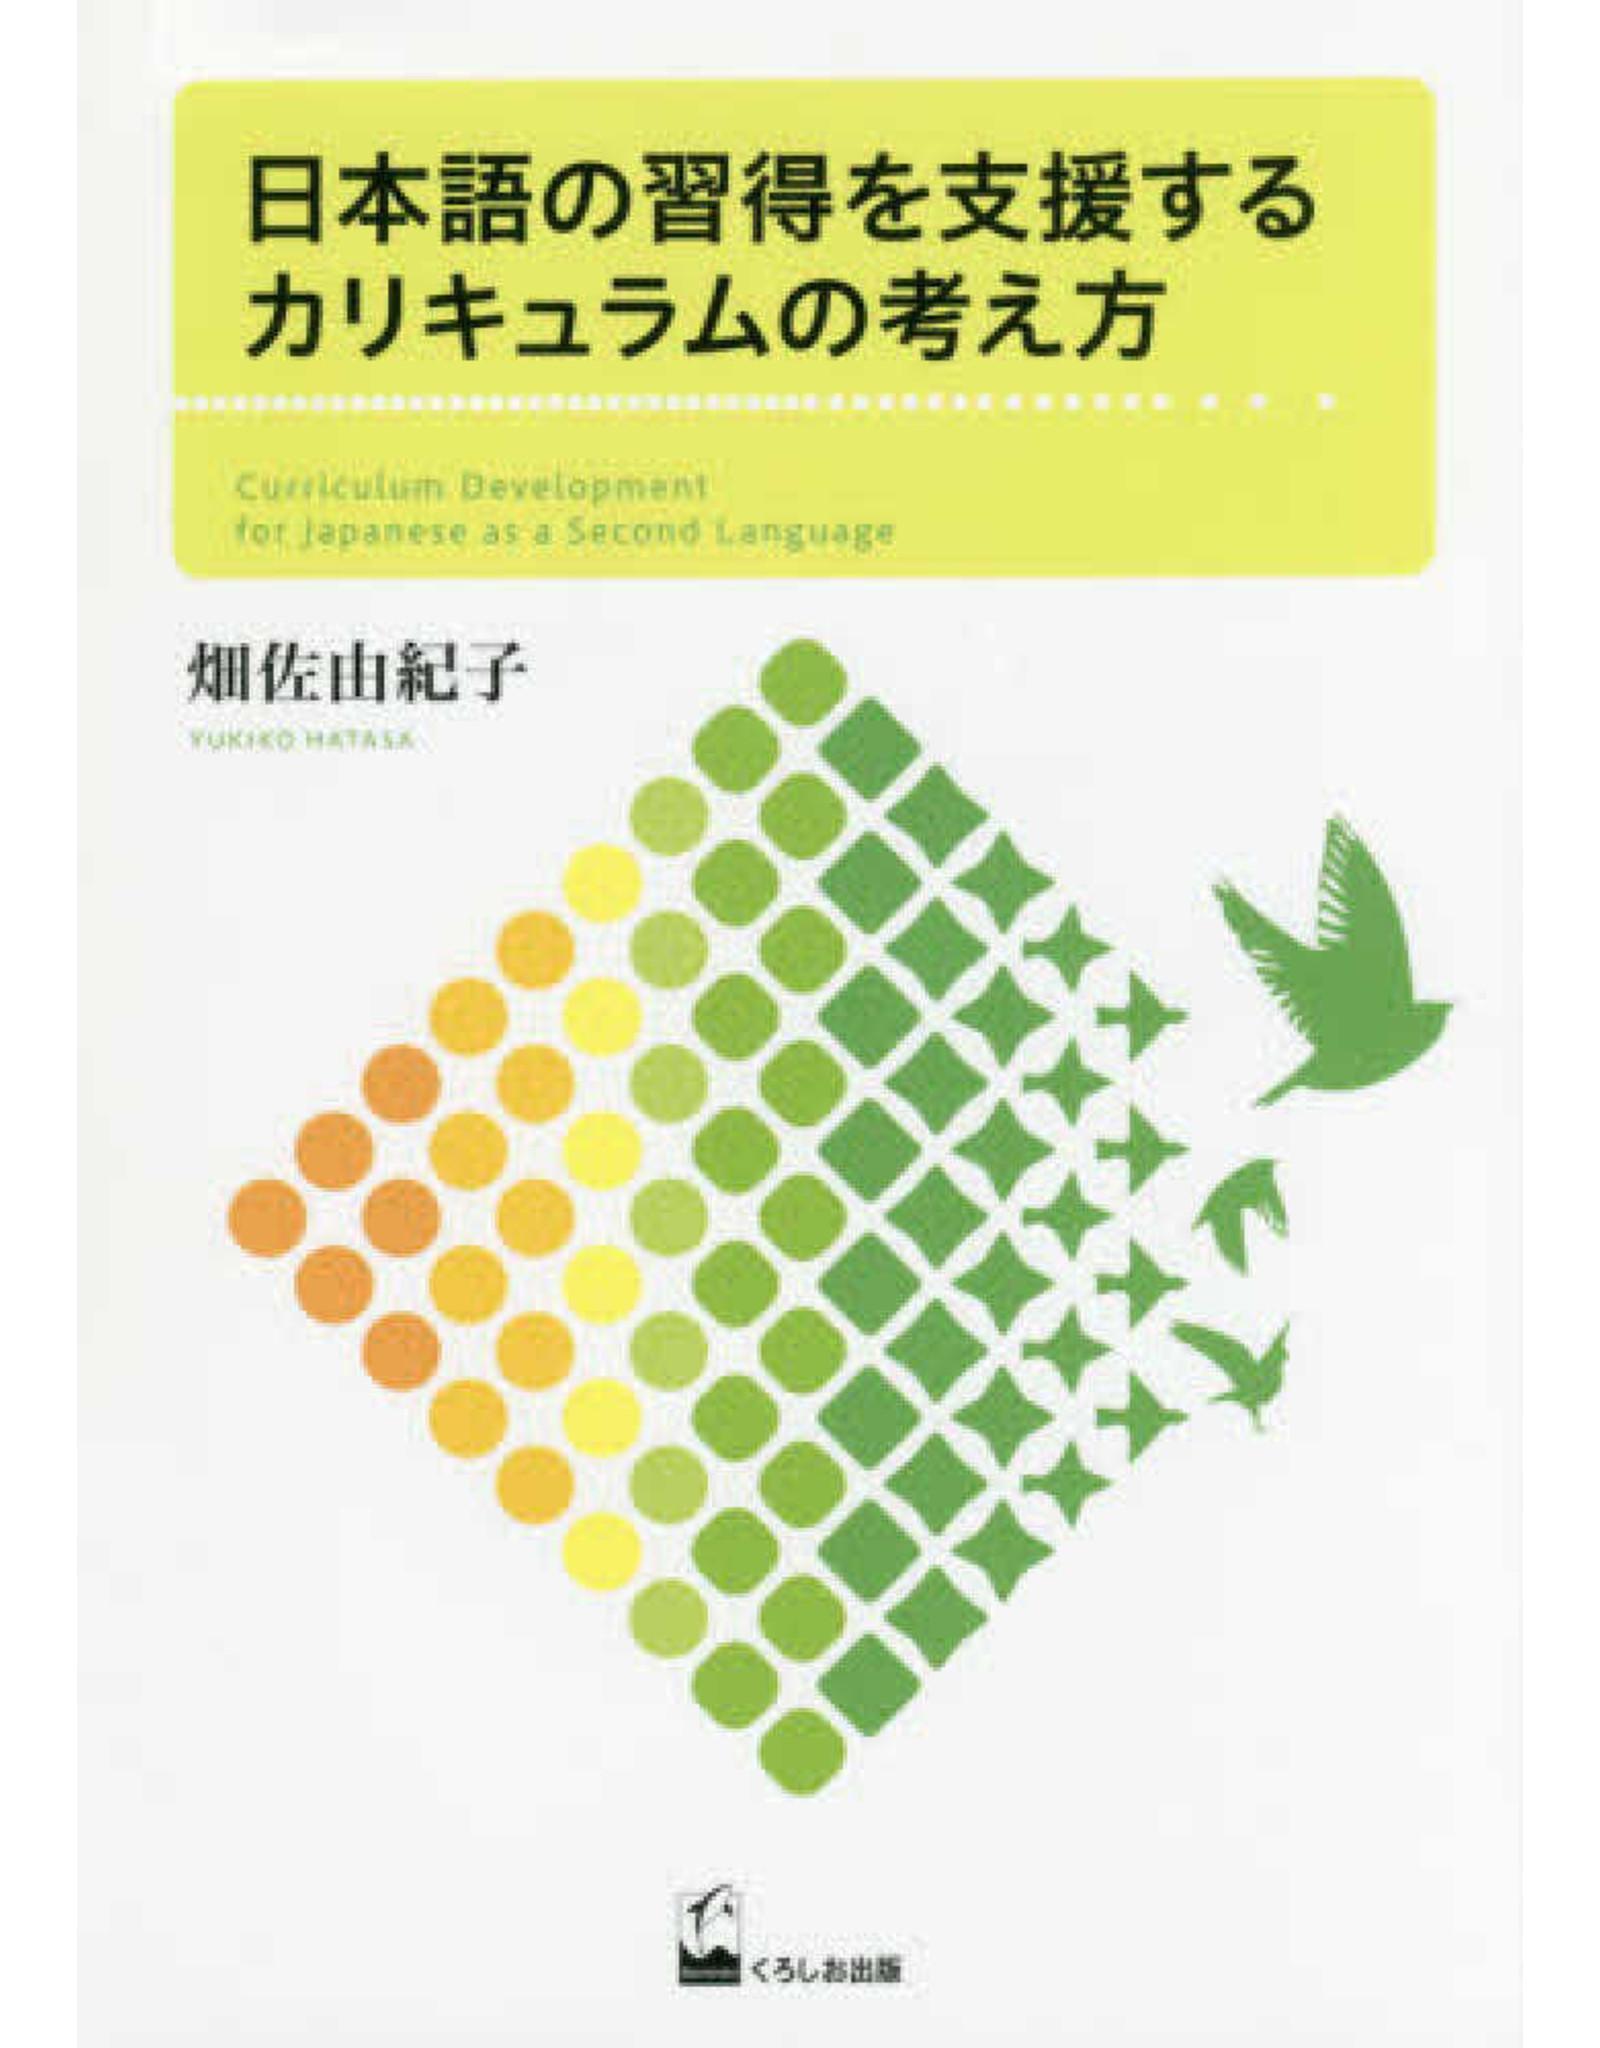 KUROSHIO NIHONGO NO SHUTOKU WO SHIEN SURU CURRICULUM NO KANGAEKATA / CURRICULUM DEVELOPMENT FOR JAPANESE AS A SECOND LANGUAGE